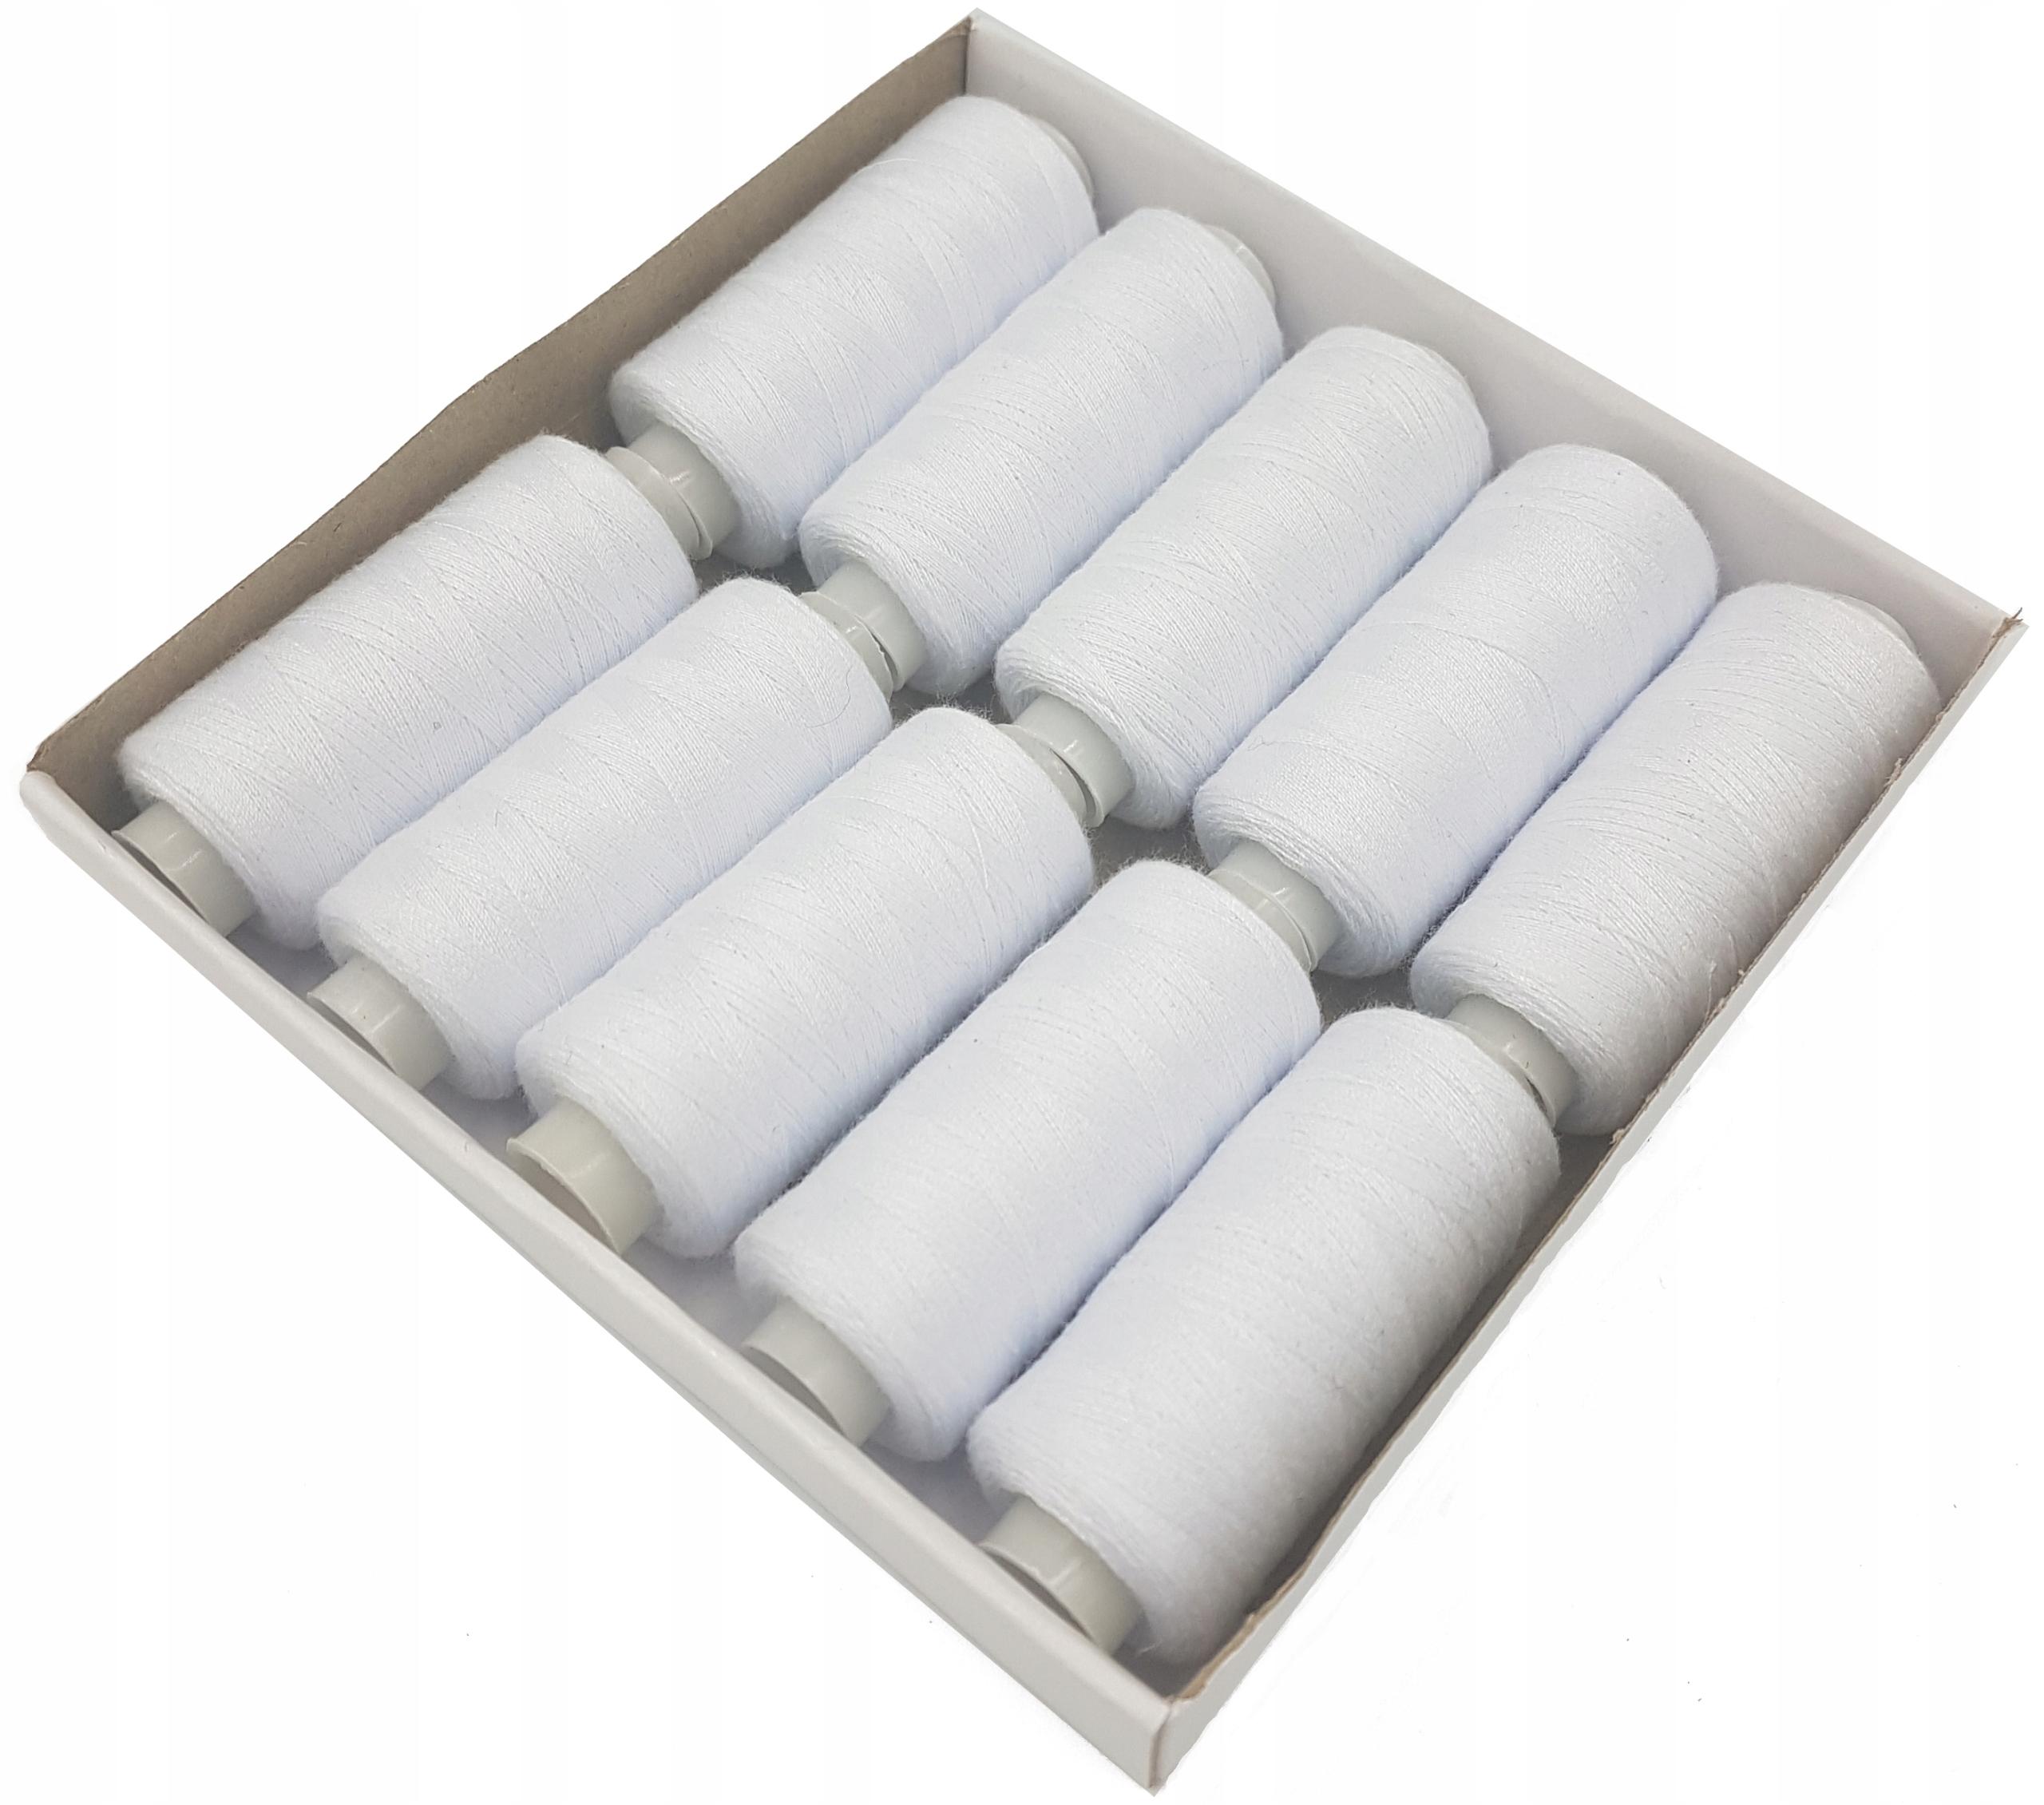 МАШИНЫ 10 ниток для машинного шитья белые